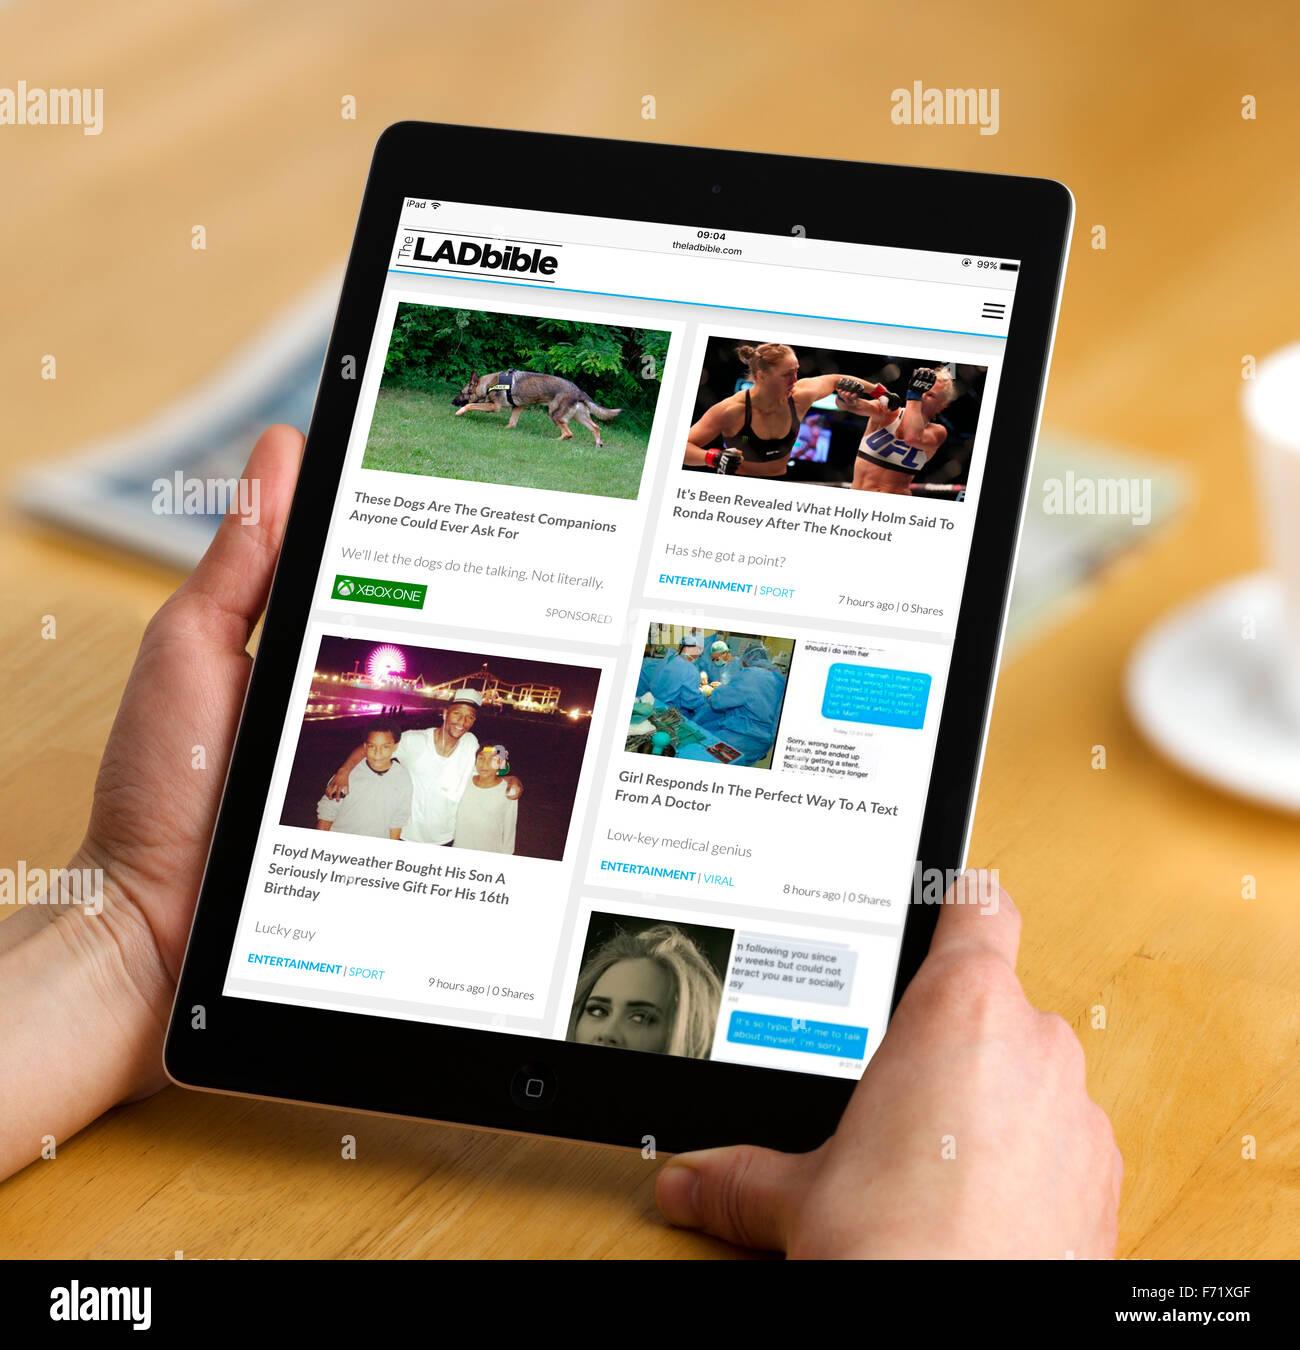 La Lad Sitio Biblia vistos en un Apple iPad Air Imagen De Stock